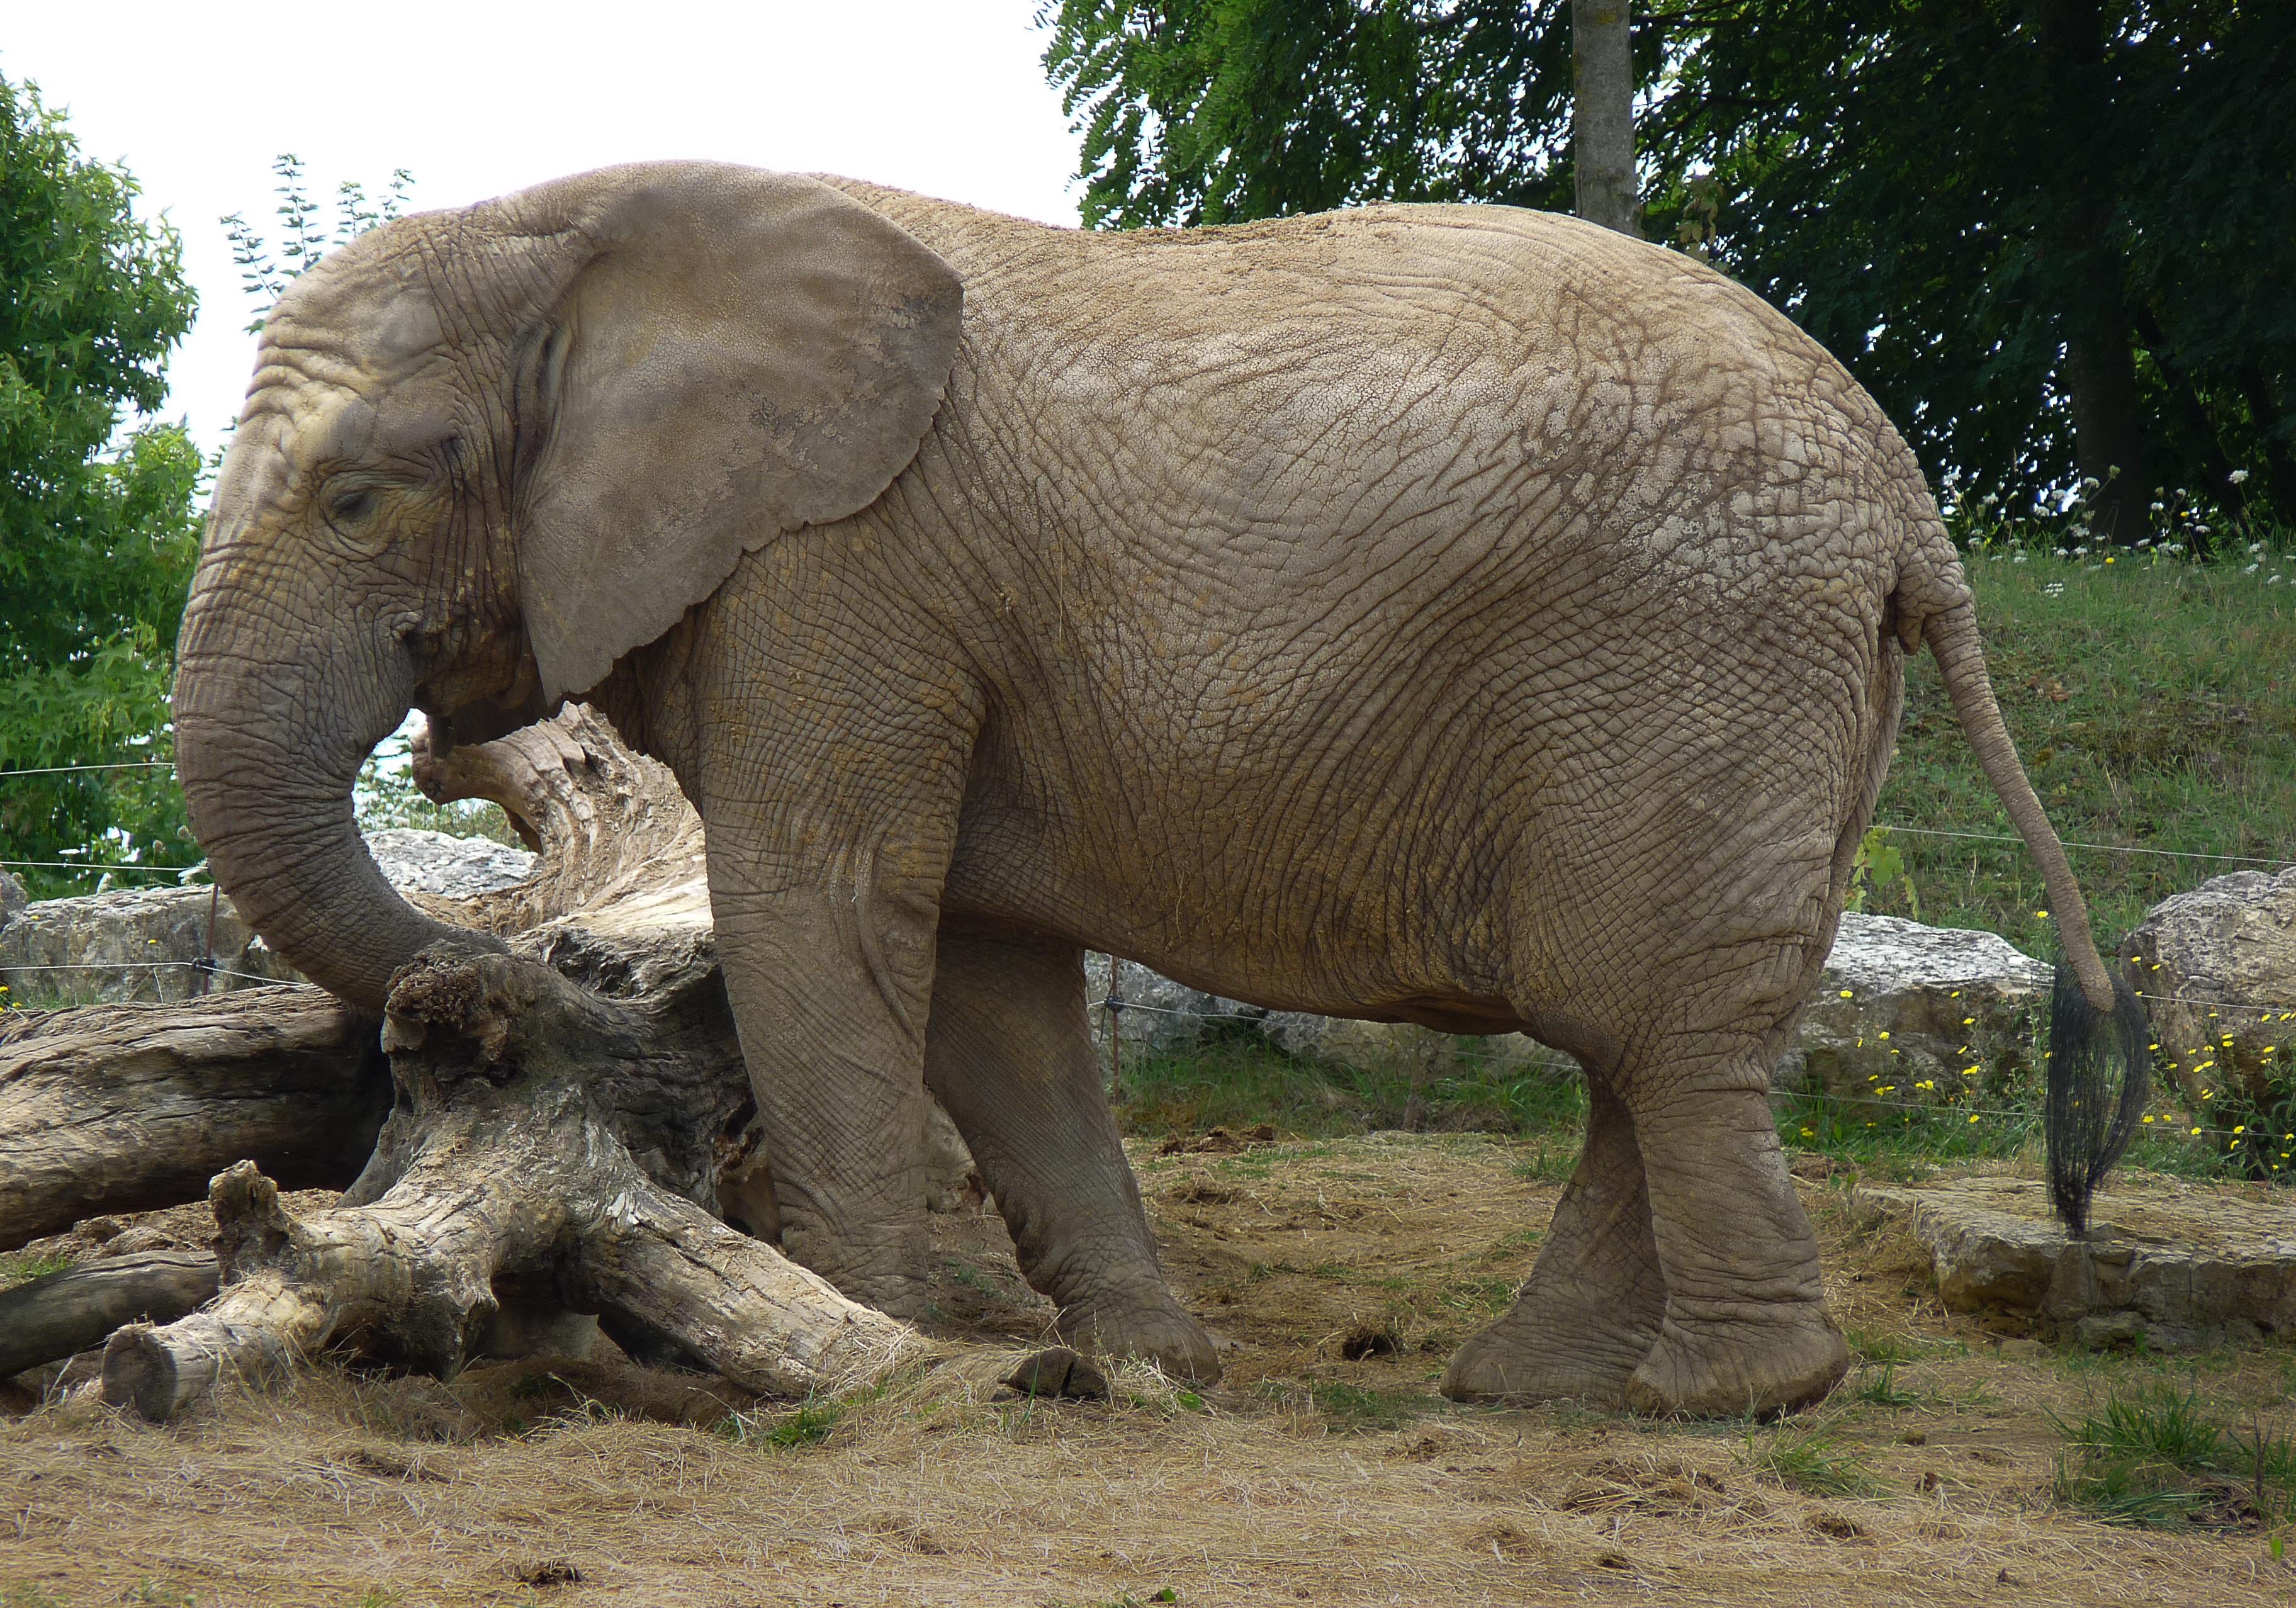 Африканские, слоны, фото - Скачать бесплатные изображения - Pixabay